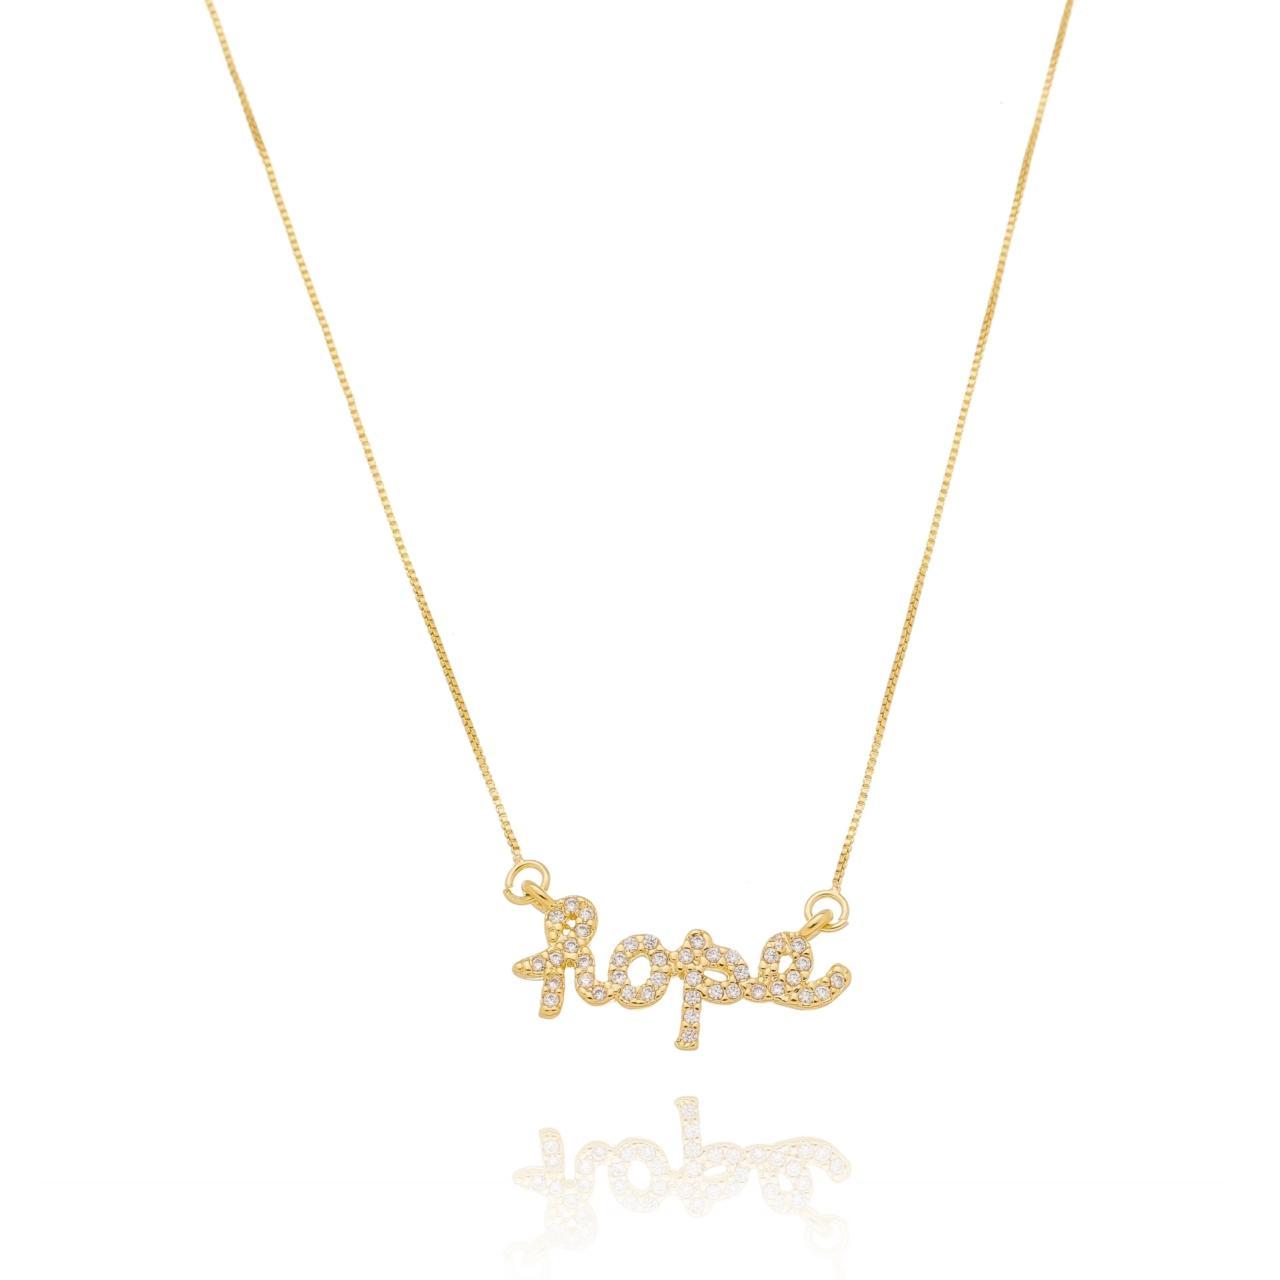 Colar Hope (Esperança) Cravejado com Zircônias Banhado em Ouro 18K